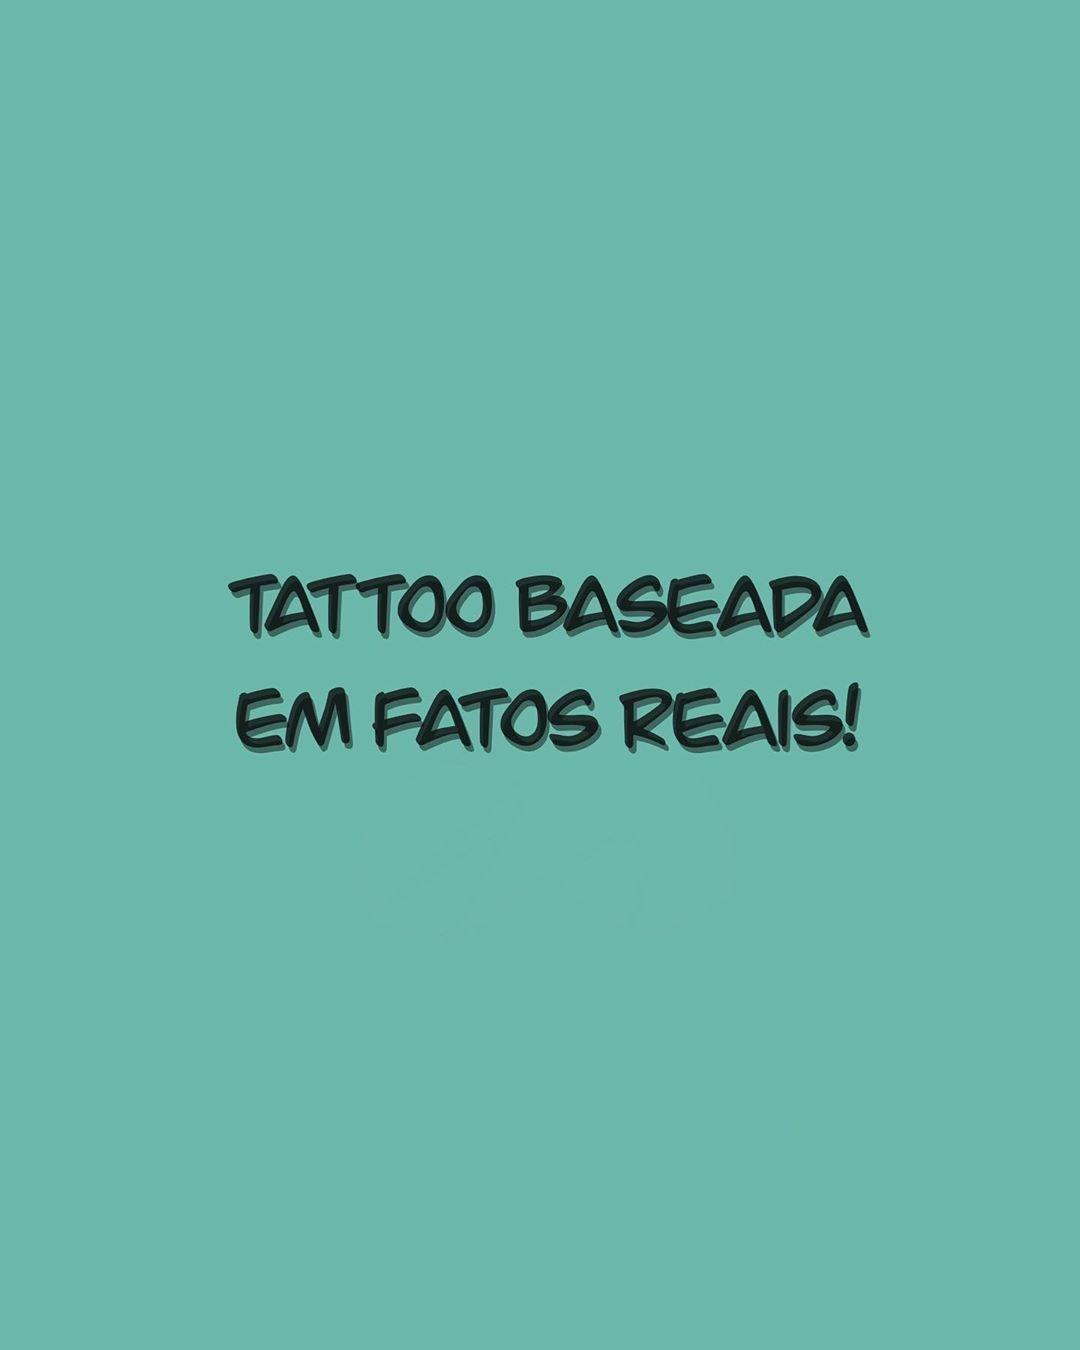 """Recordando esse trabalho de uma forma muito bem humorada...rs Espero que gostem da historinha baseada em """"fatos reais"""" 😅🙏🏻 #repost . . Ele perdeu uma parte do dedo aos 6 anos de idade. E a tatuadora Ivy Gabrielli teve a honra de poder tatuar uma nova unha para ele, anos após o acidente ele teve a sua unha (tatuagem) de volta! É muito satisfatório fazer esse tipo de trabalho, proporcionar autoestima para as pessoas 🙏🏻 . . #realistictattoo #tattoo #realismotattoo #inkivyhouse  #ivyrodrigue"""